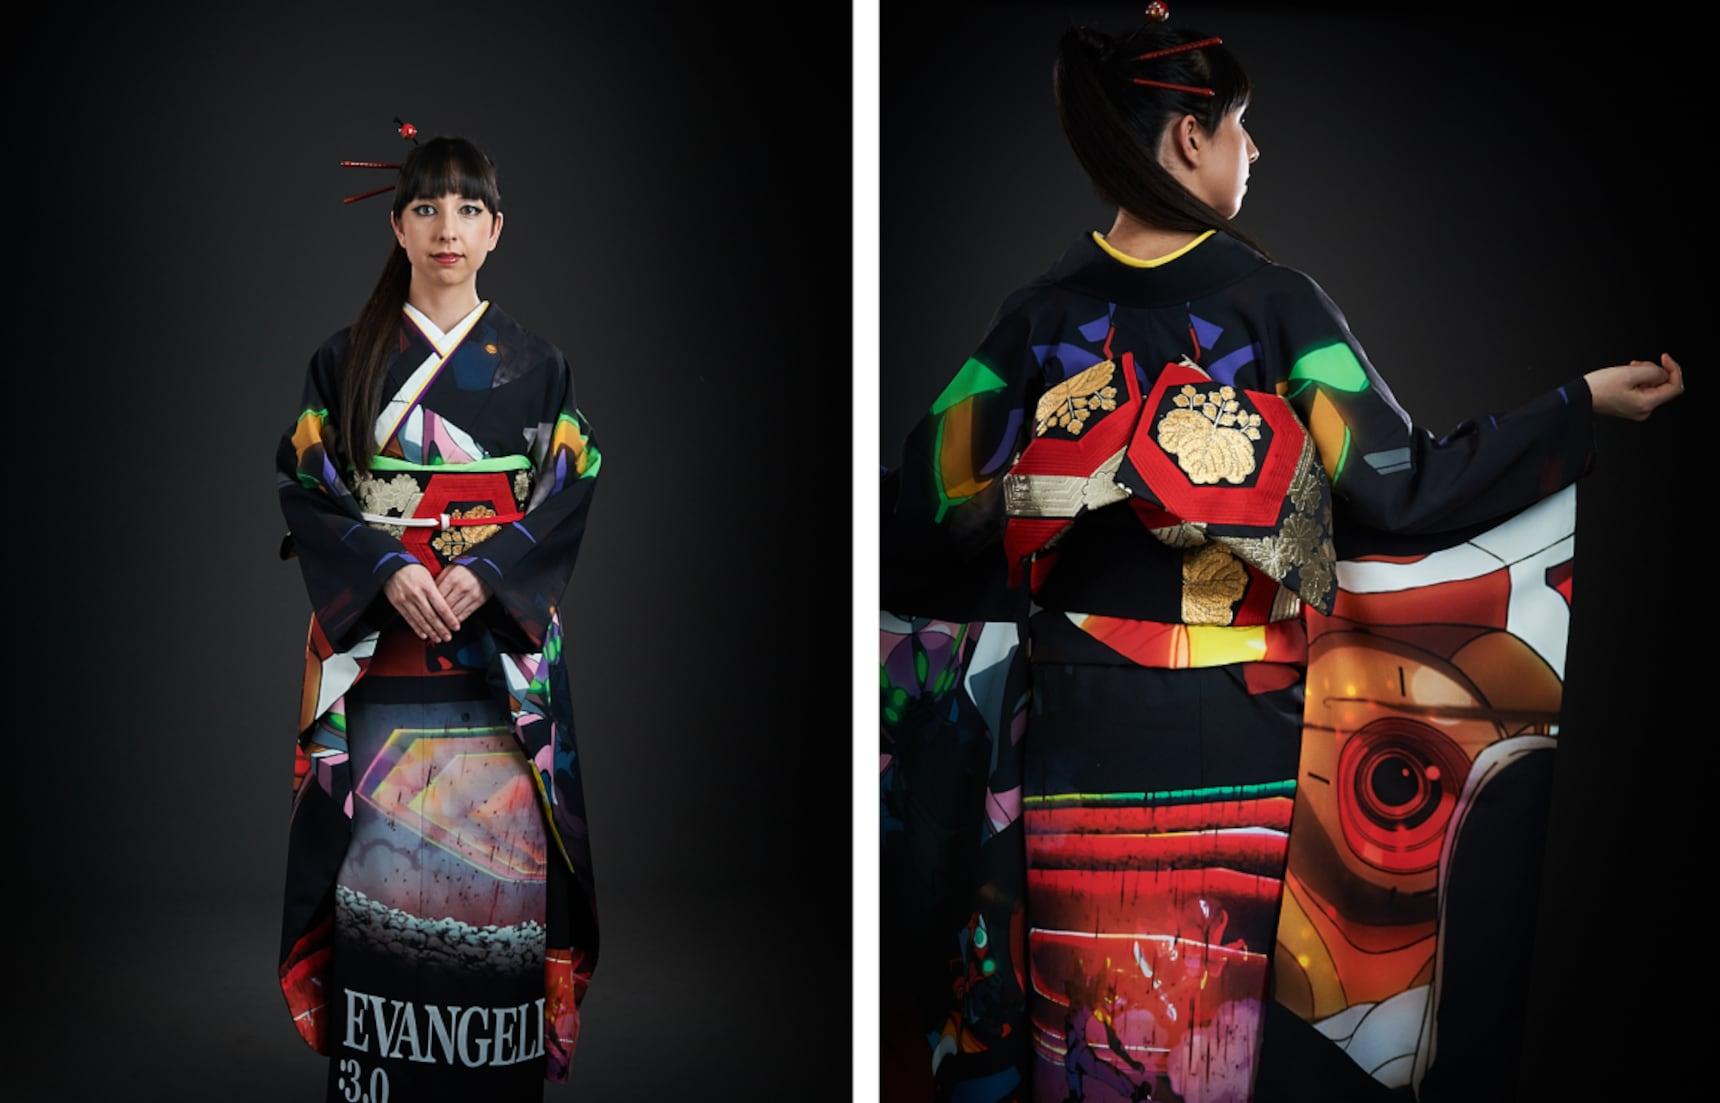 Pre-Order Your 'Evangelion' Kimono Today!